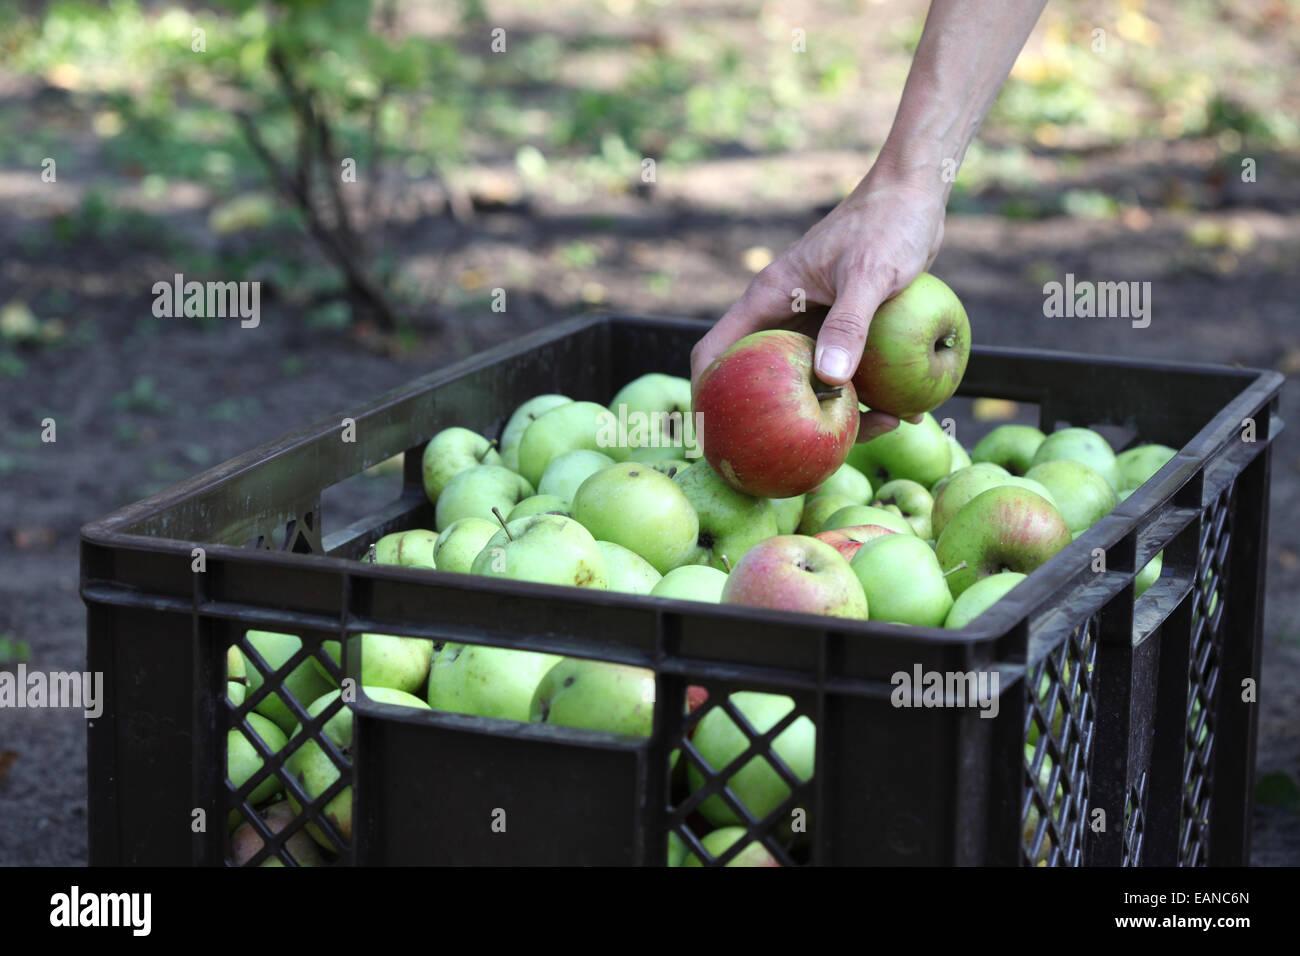 Nahaufnahme einer Hand sammeln Äpfel in einem urban gardening Projekt Stockbild